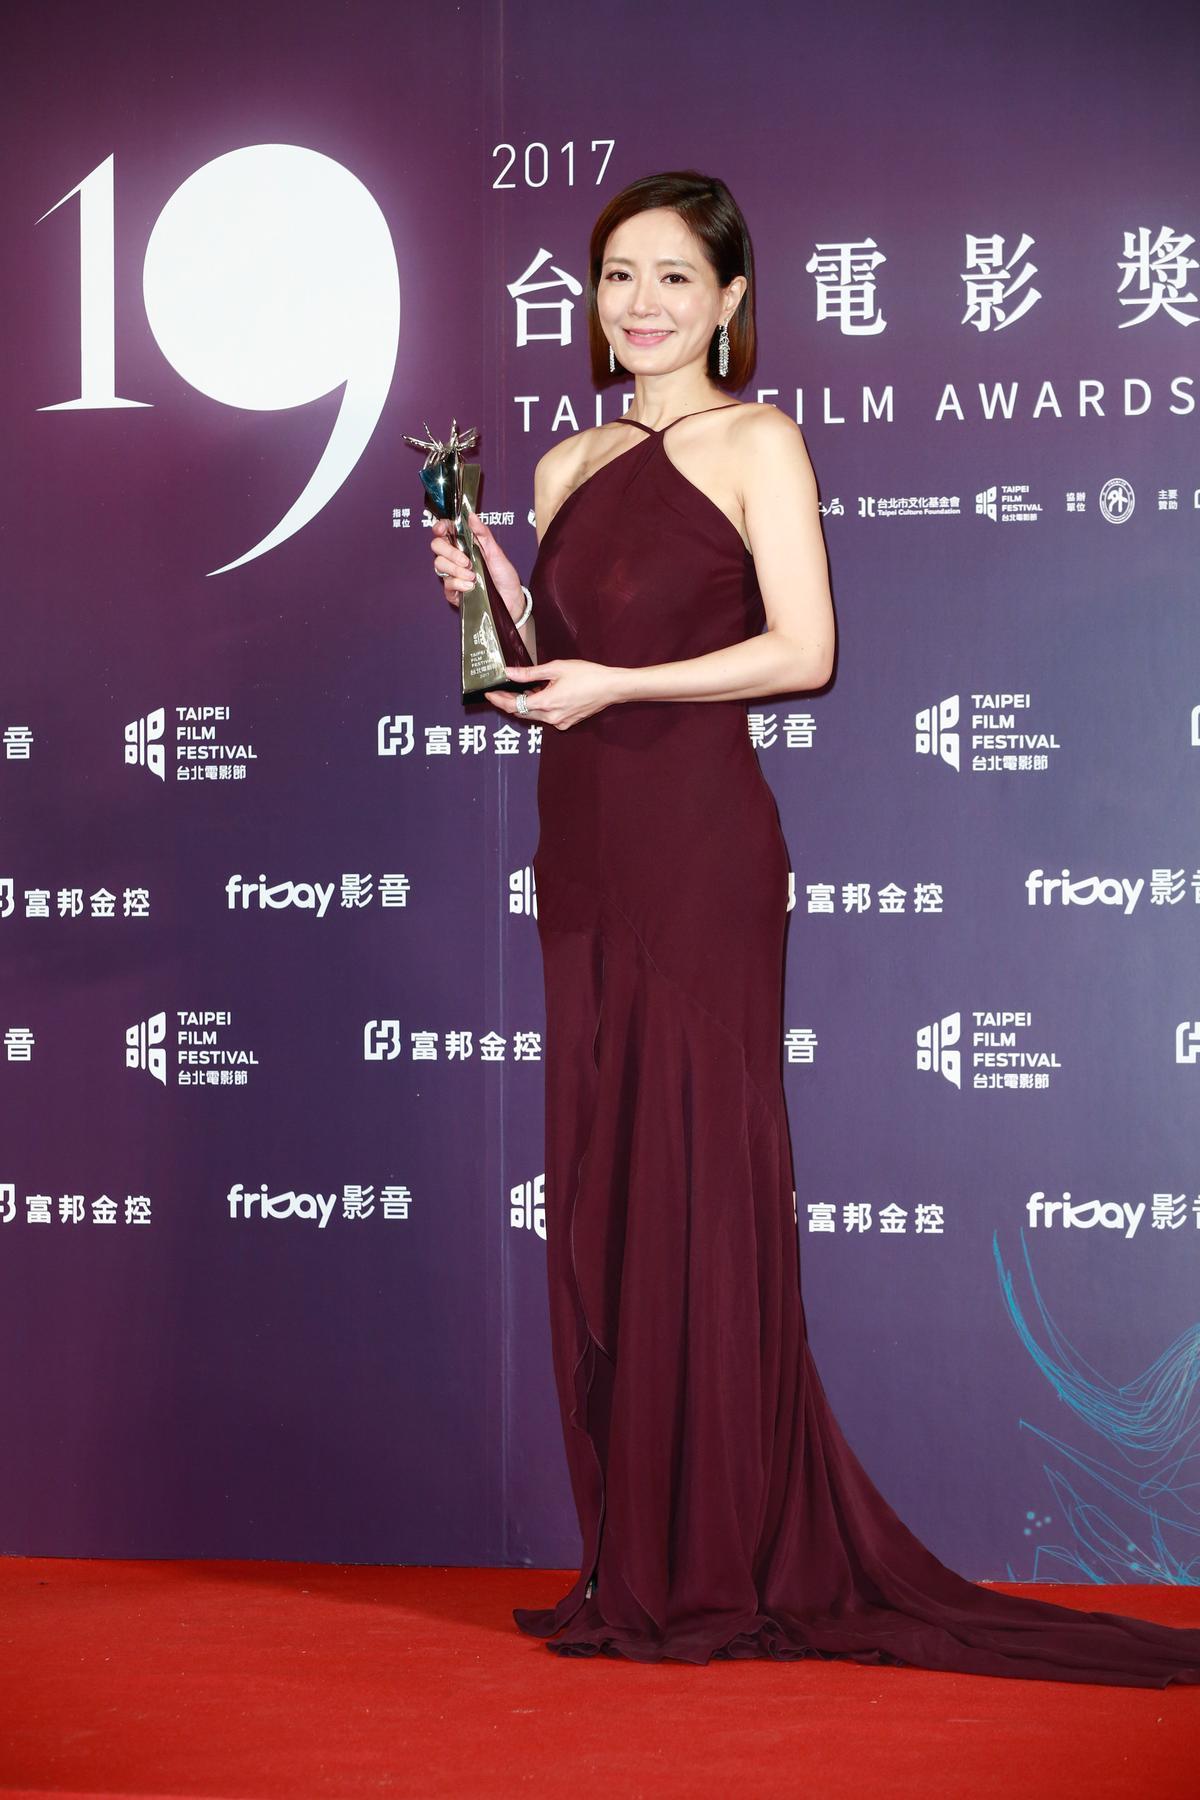 尹馨以《川流之島》奪下最佳女主角獎。